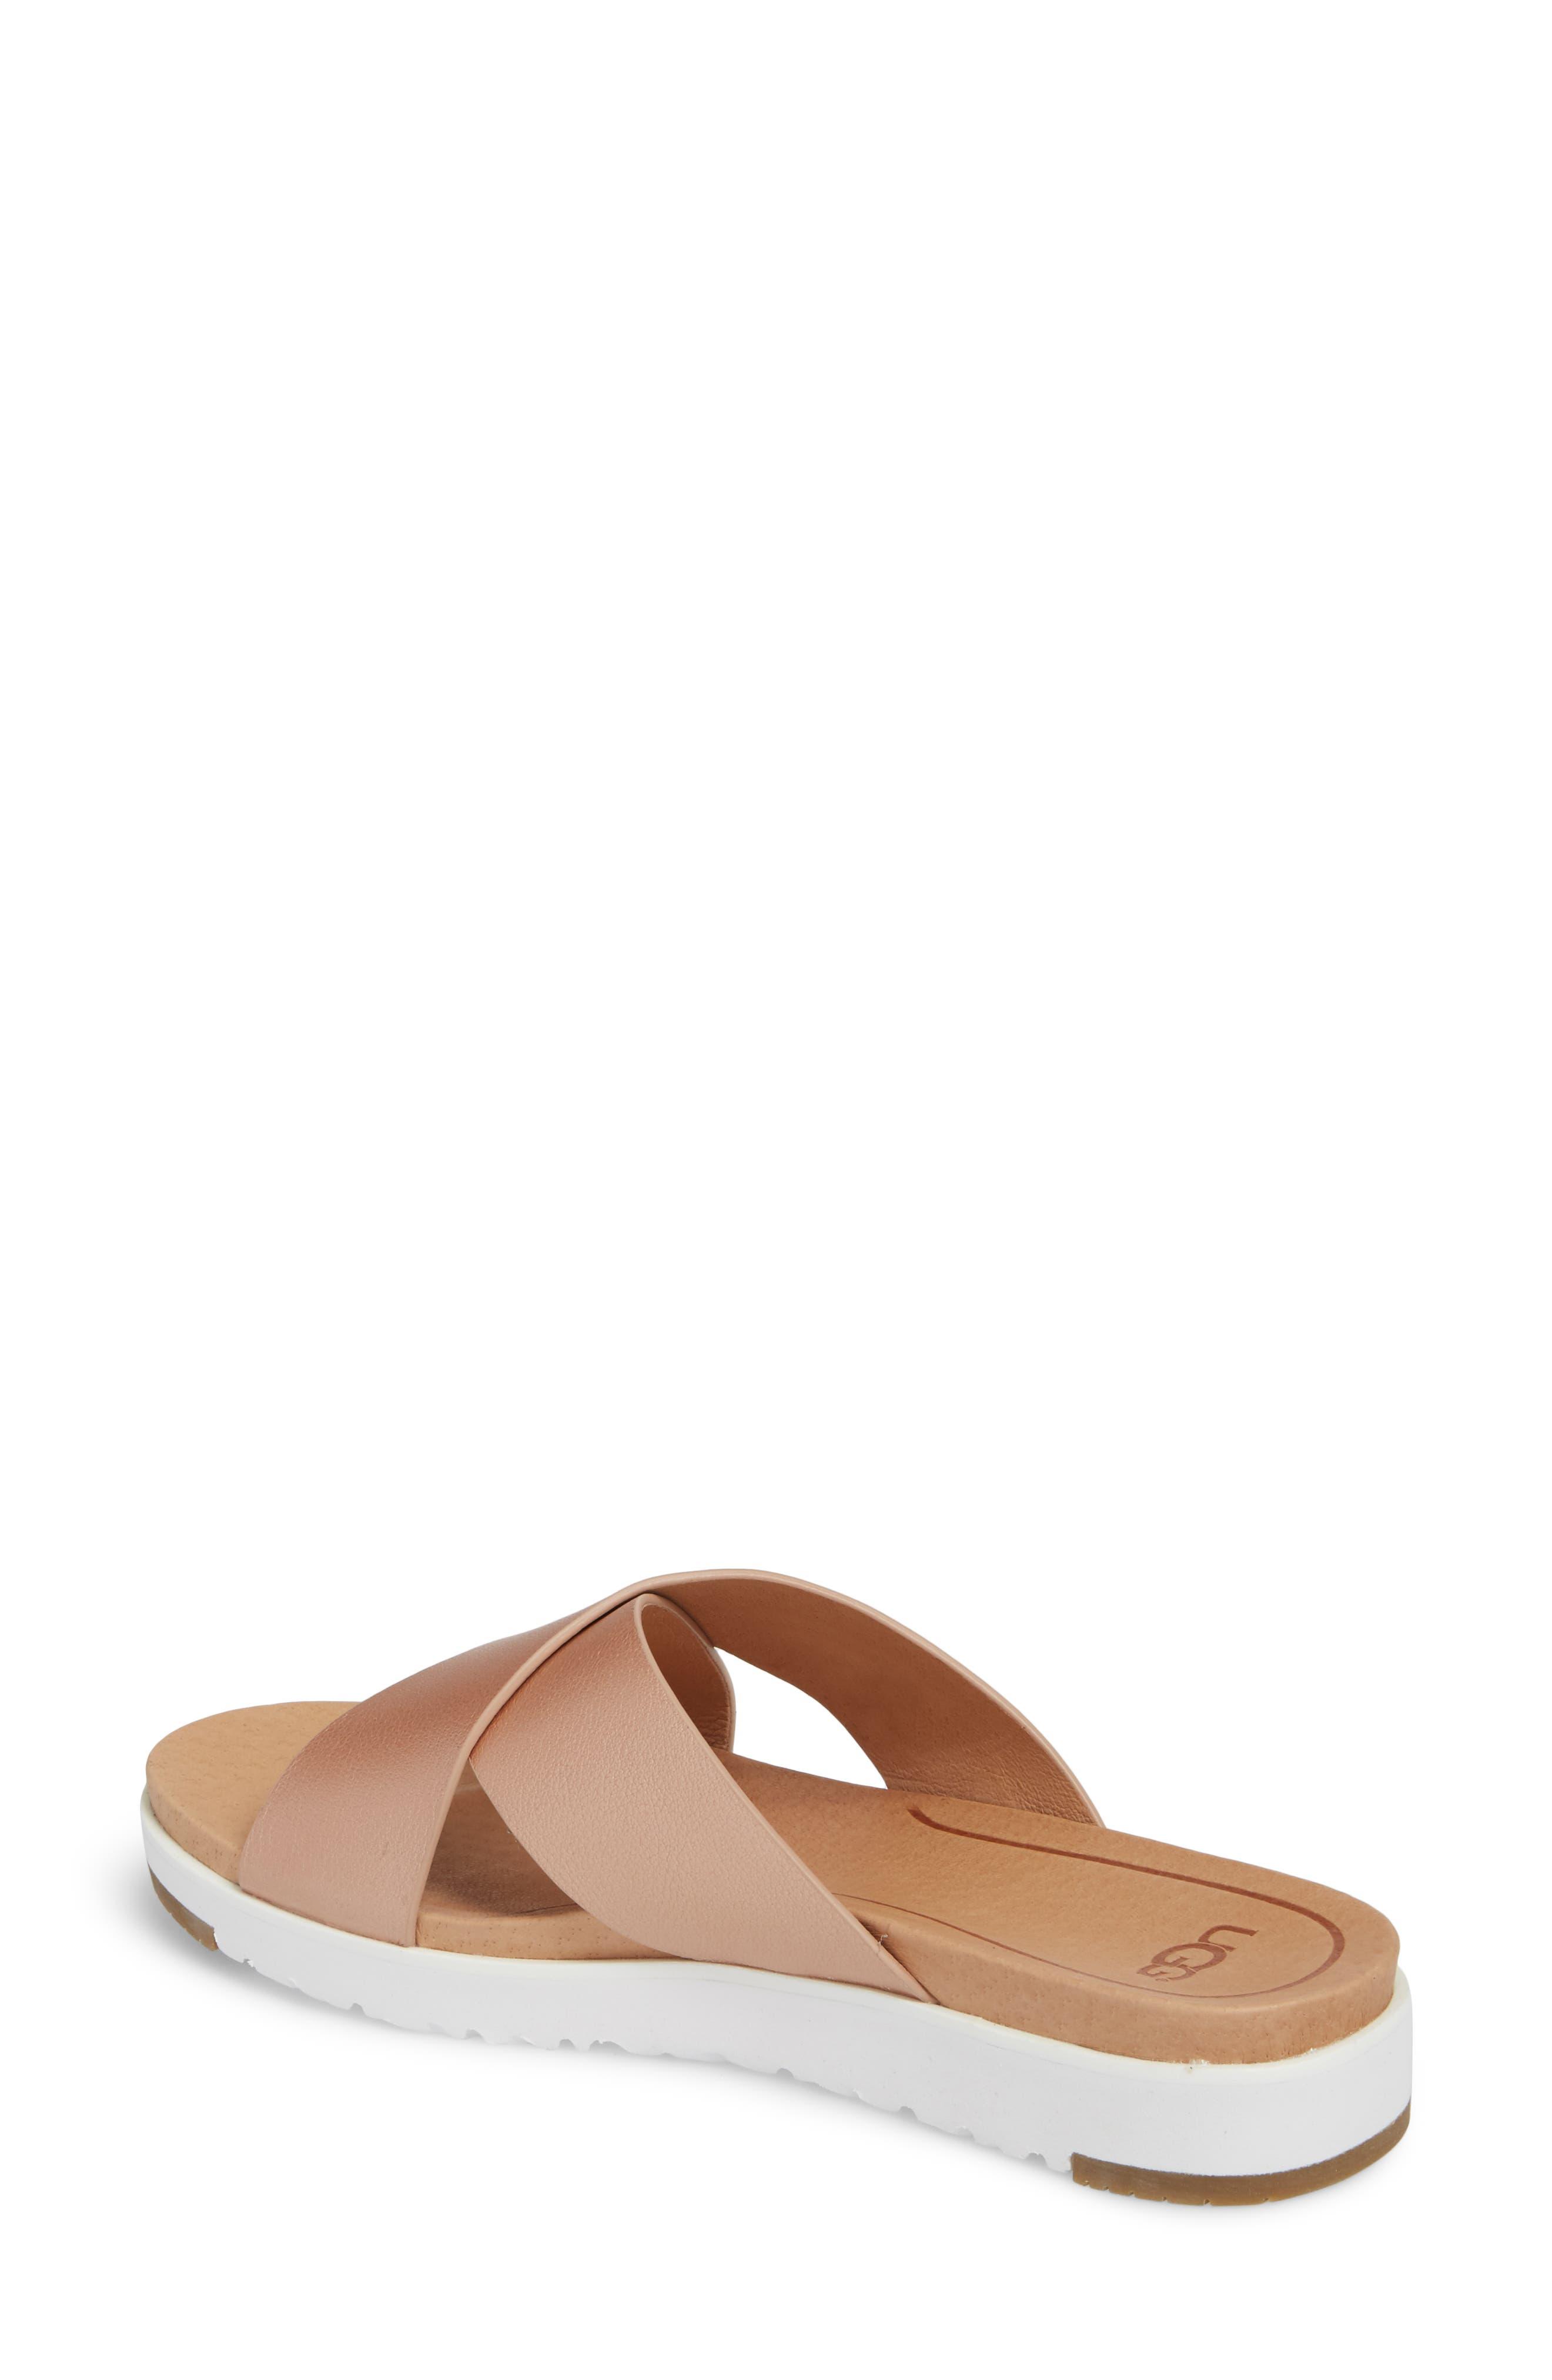 Alternate Image 2  - UGG® Kari Slide Sandal (Women)